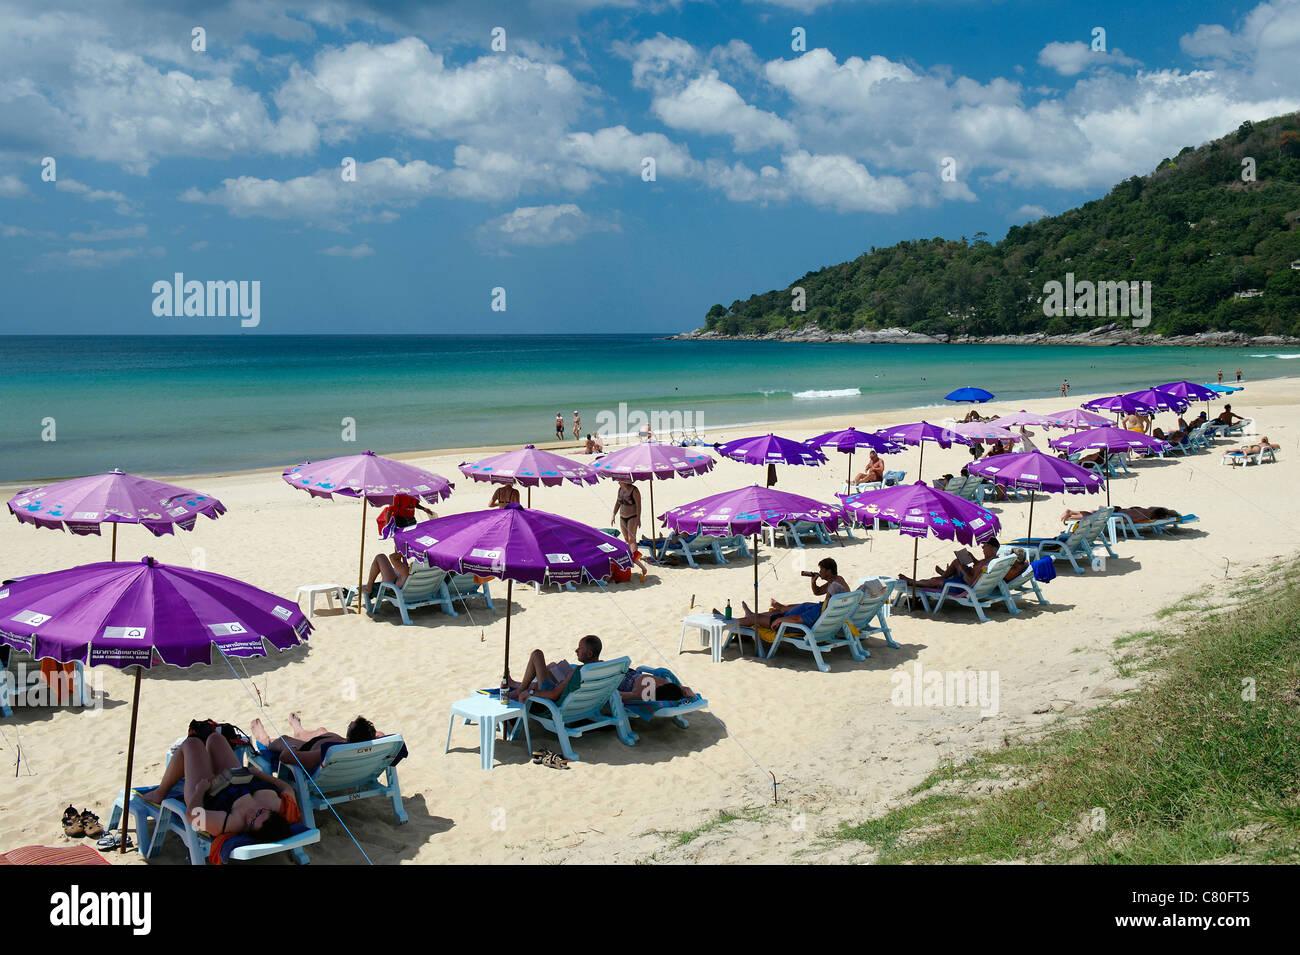 Thailand, Phuket, Karon Beach - Stock Image